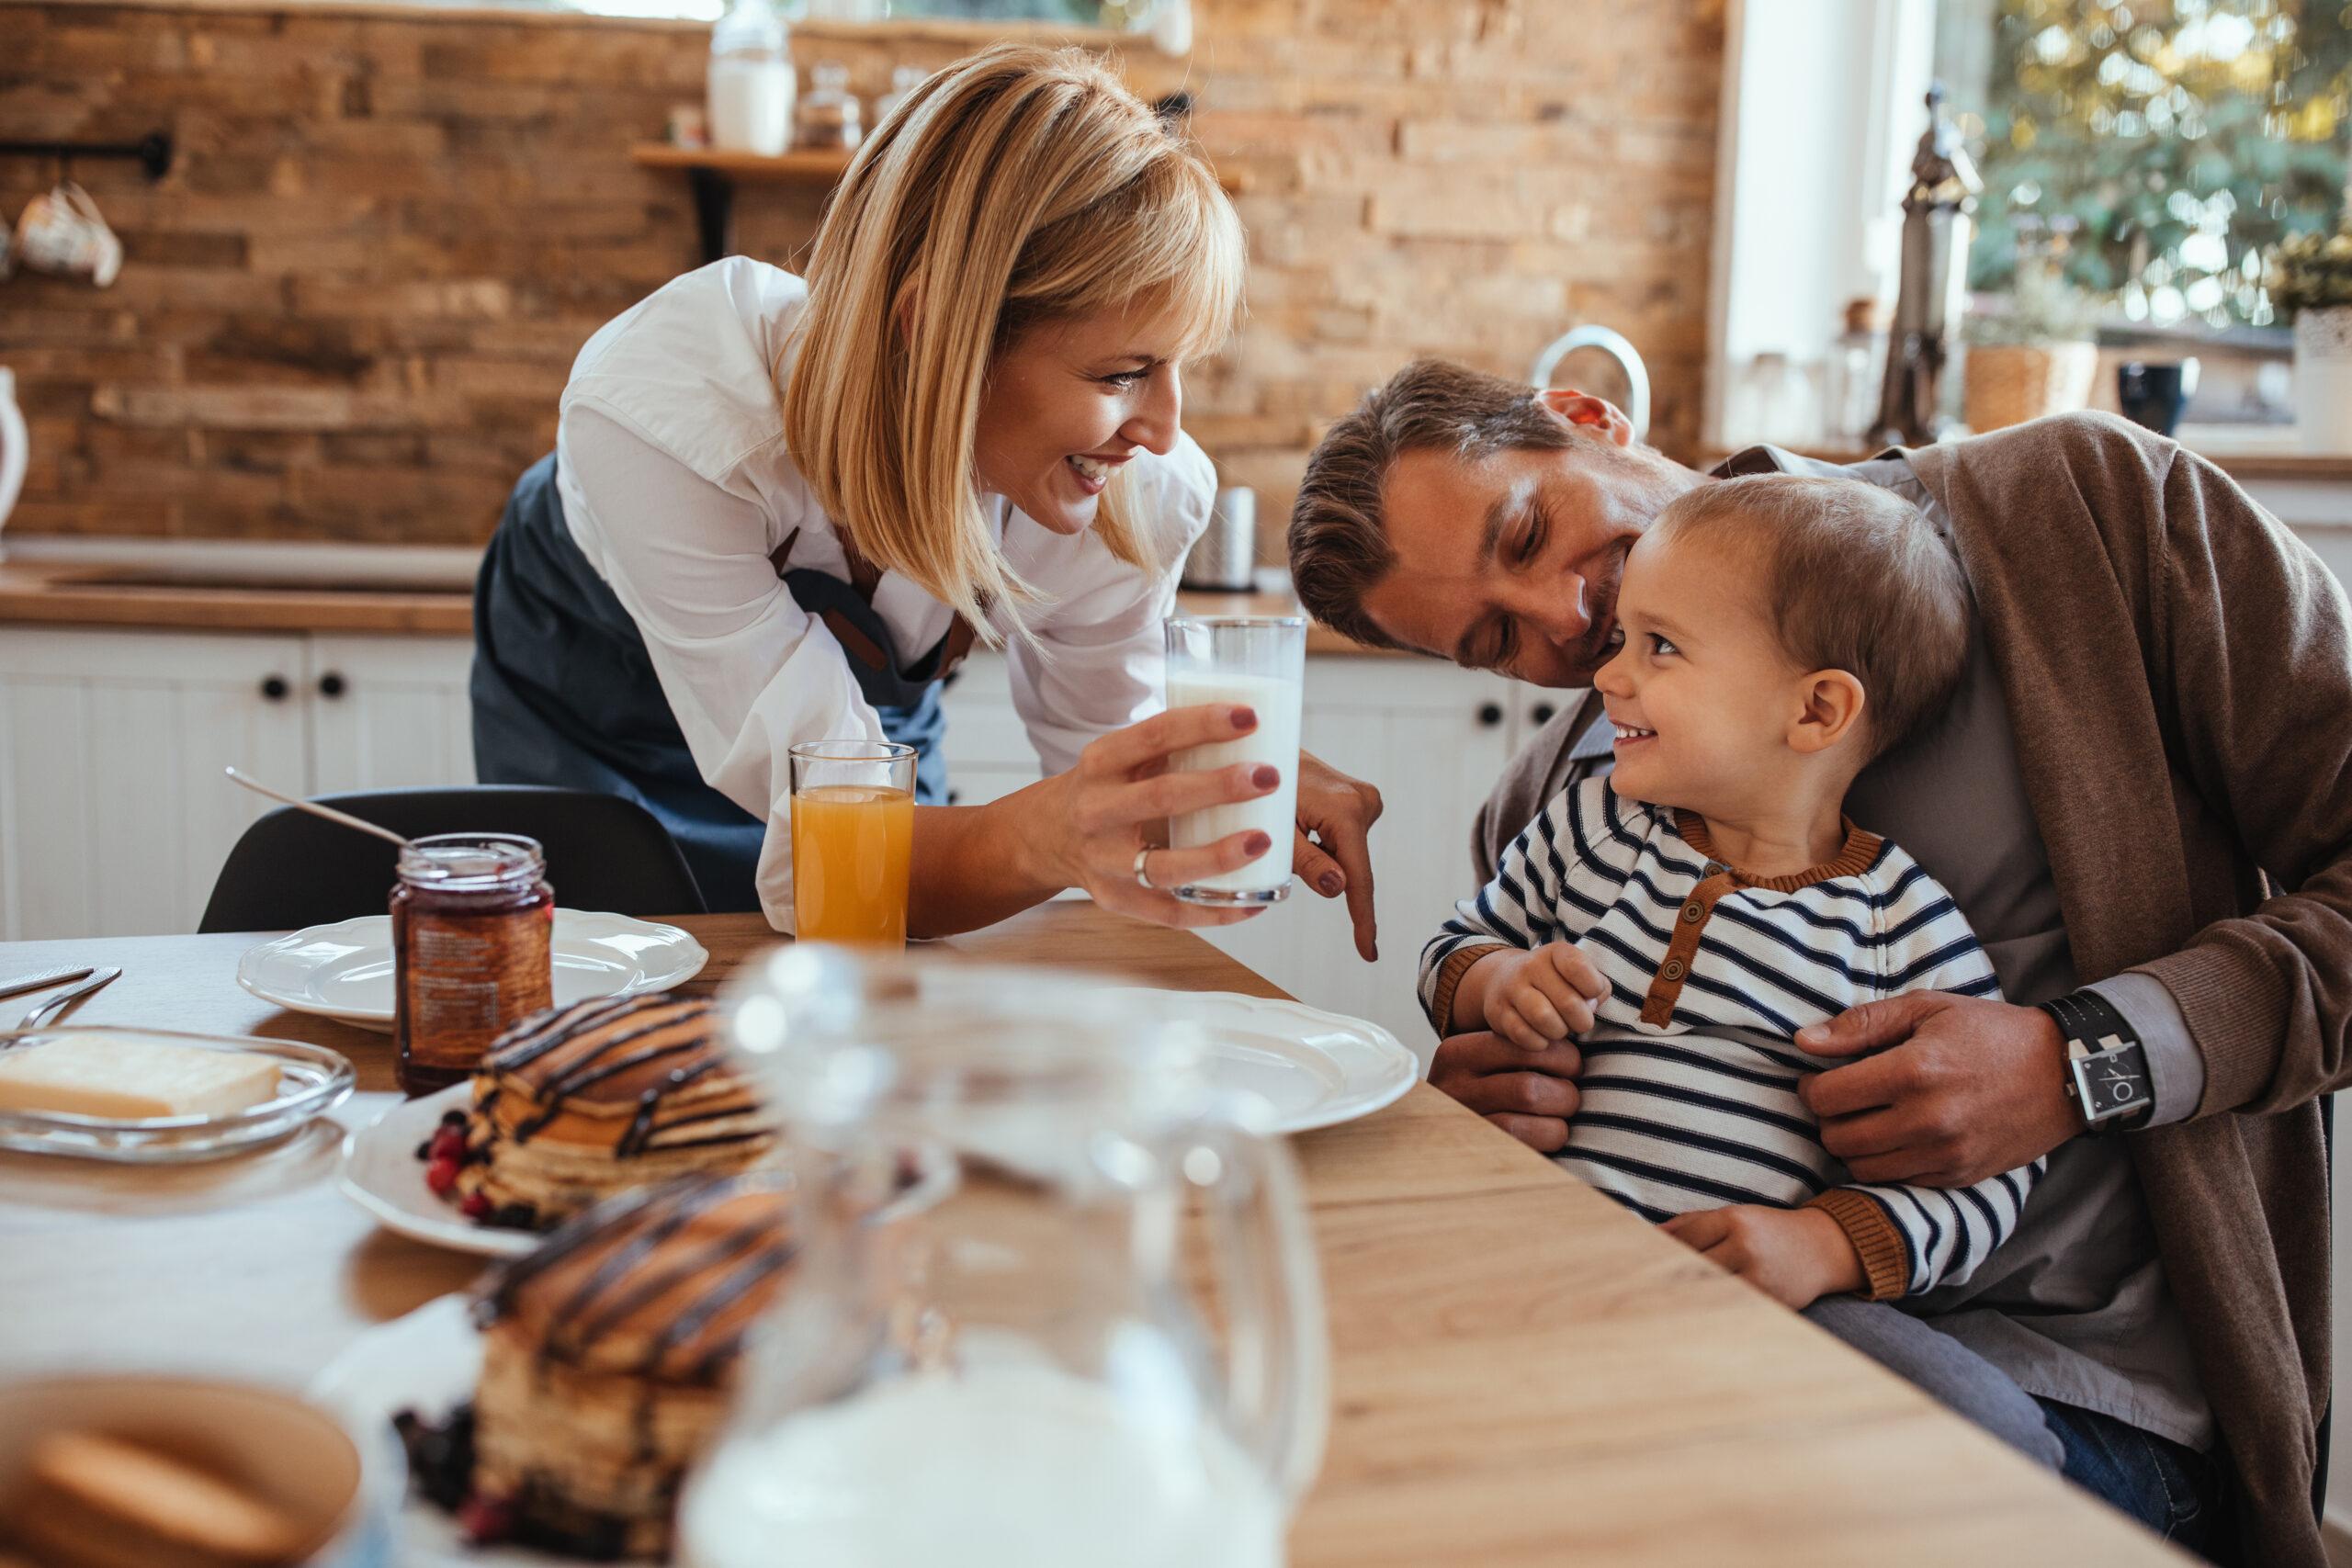 Inicia Bien el Día con un Desayuno Lyncott®